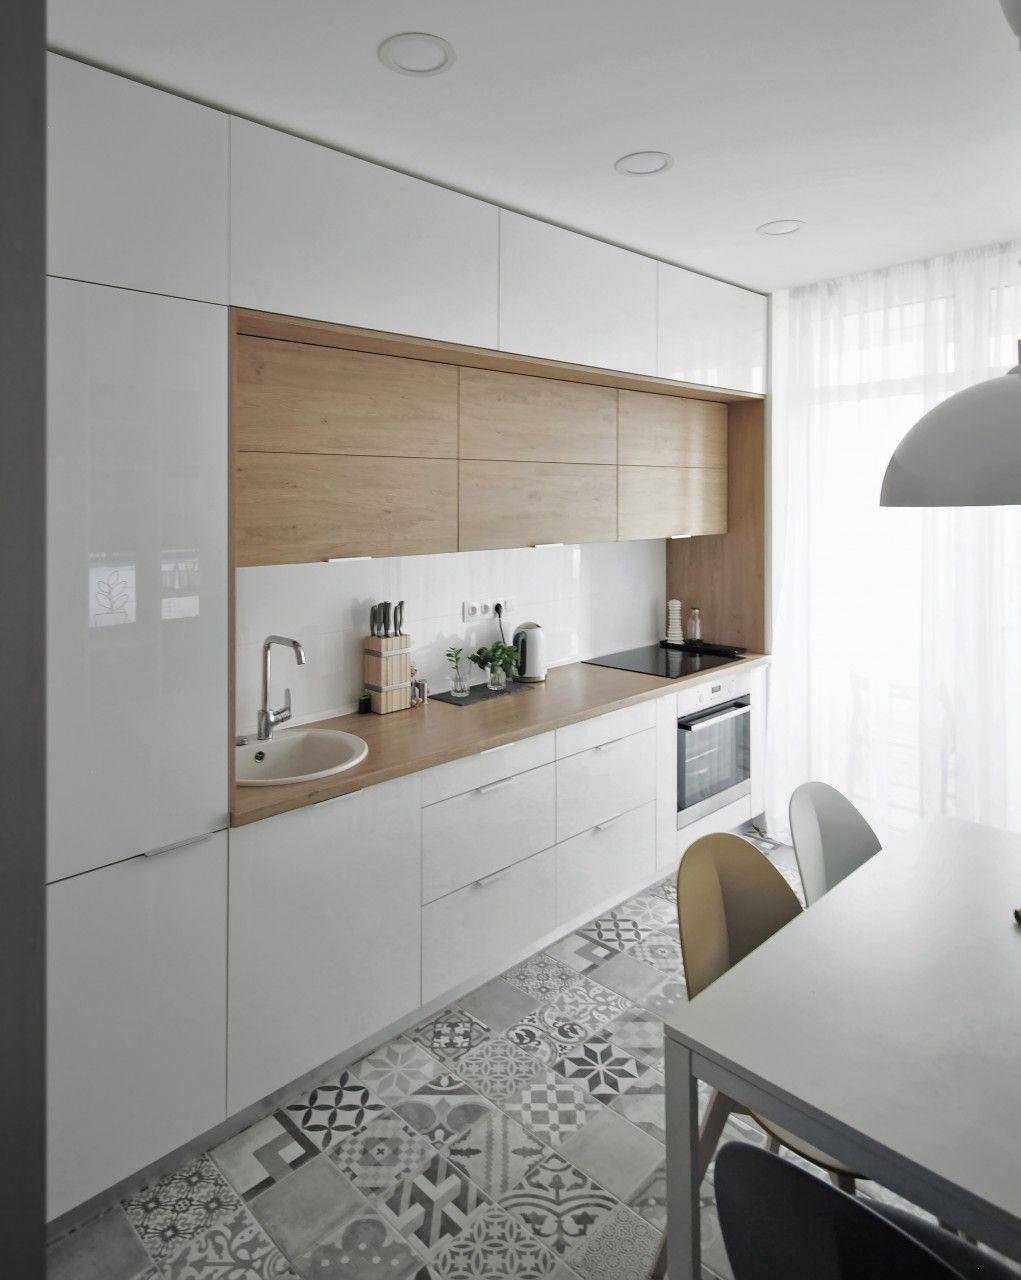 Küchendesign von fliesen livingroom  home sweet home  pinterest  küchen ideen haus